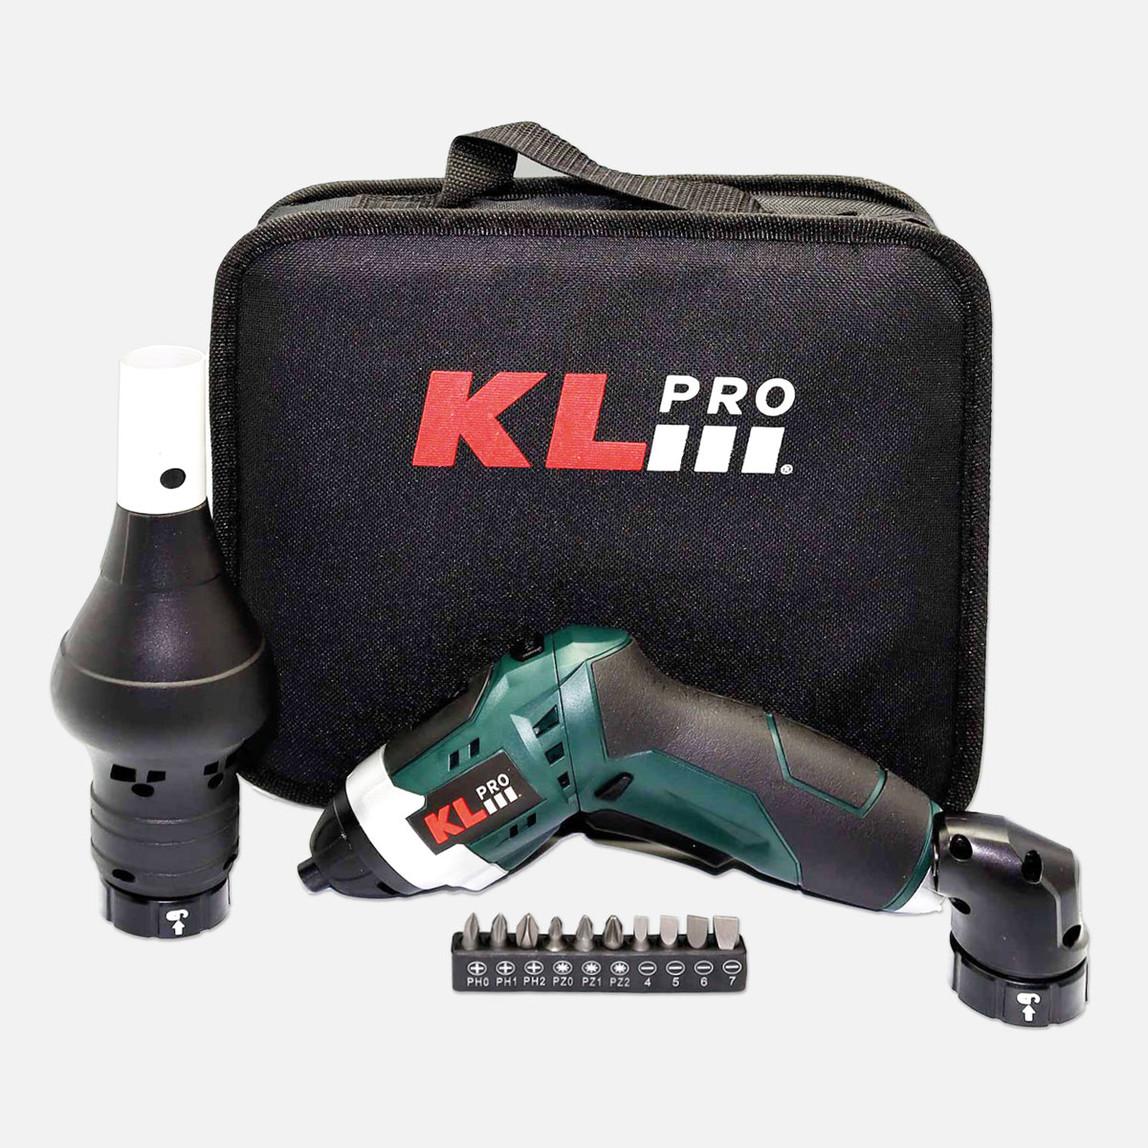 KL Pro KLMN3413 3.6V Şarjlı Vidalama